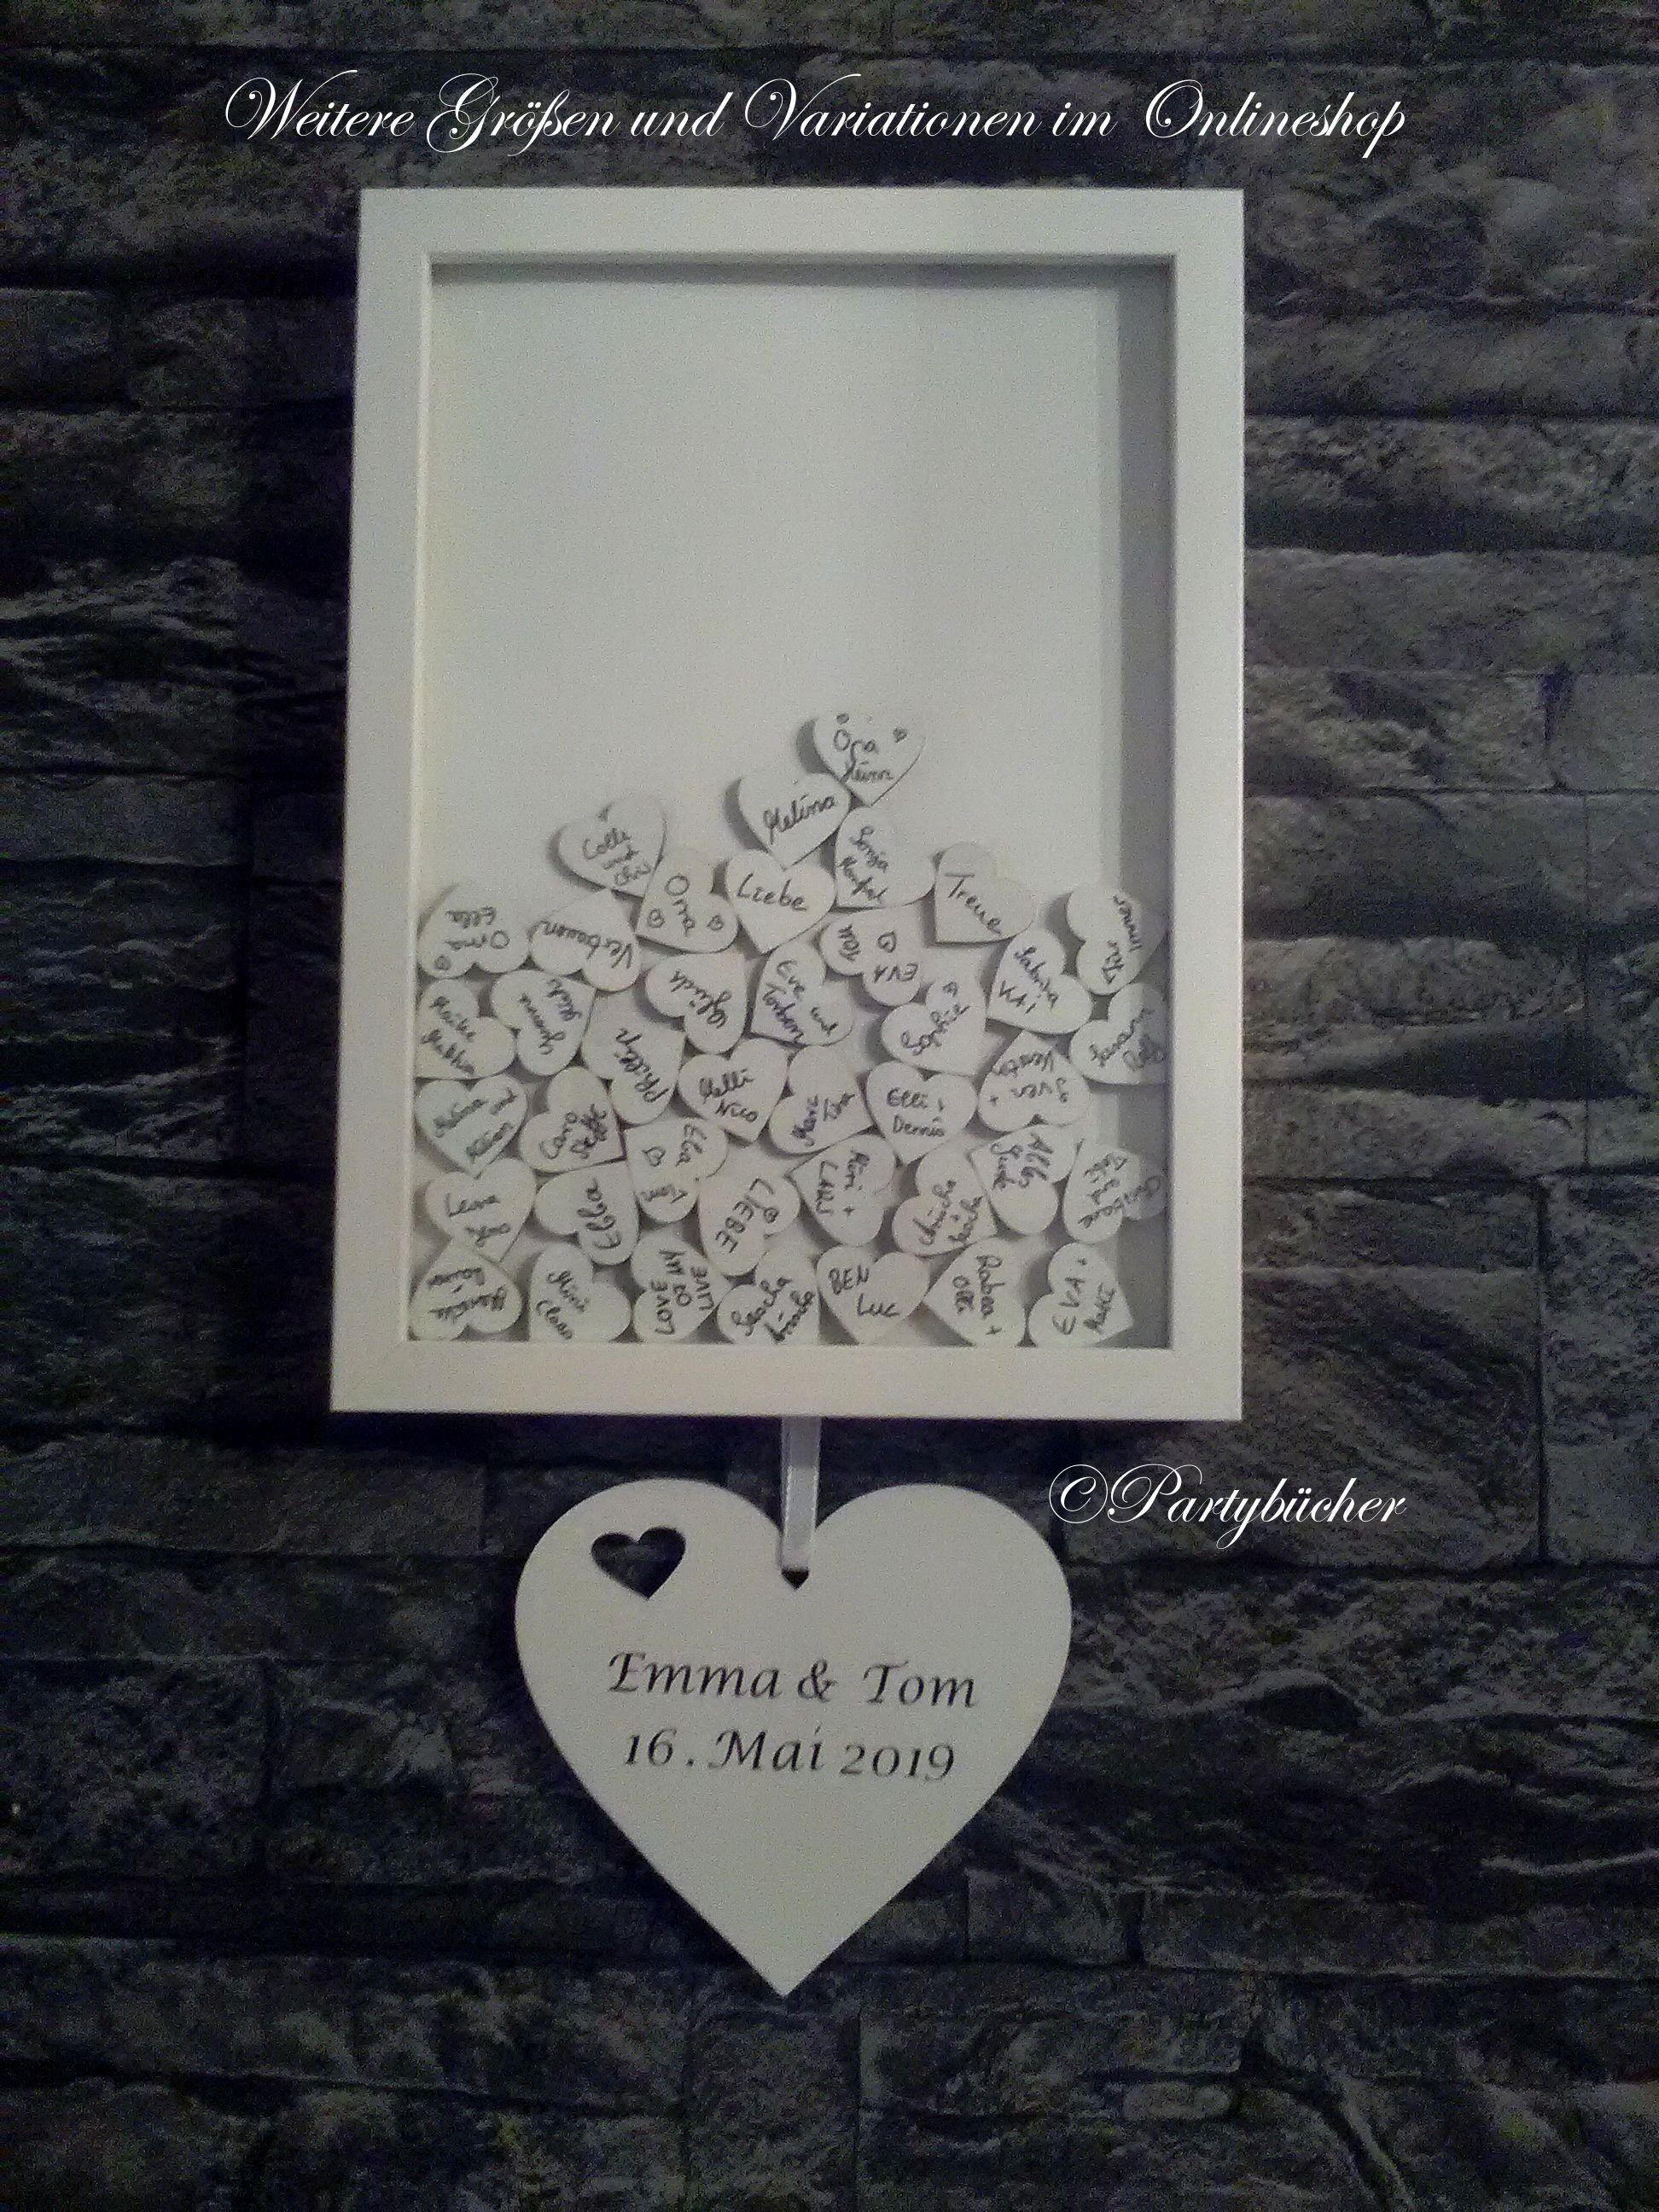 Holzherzen Gastebuch Hochzeit Gastebuch Bilderrahmen Personalisiert Grosse L Wedding Guest Book Wooden Hearts Frame